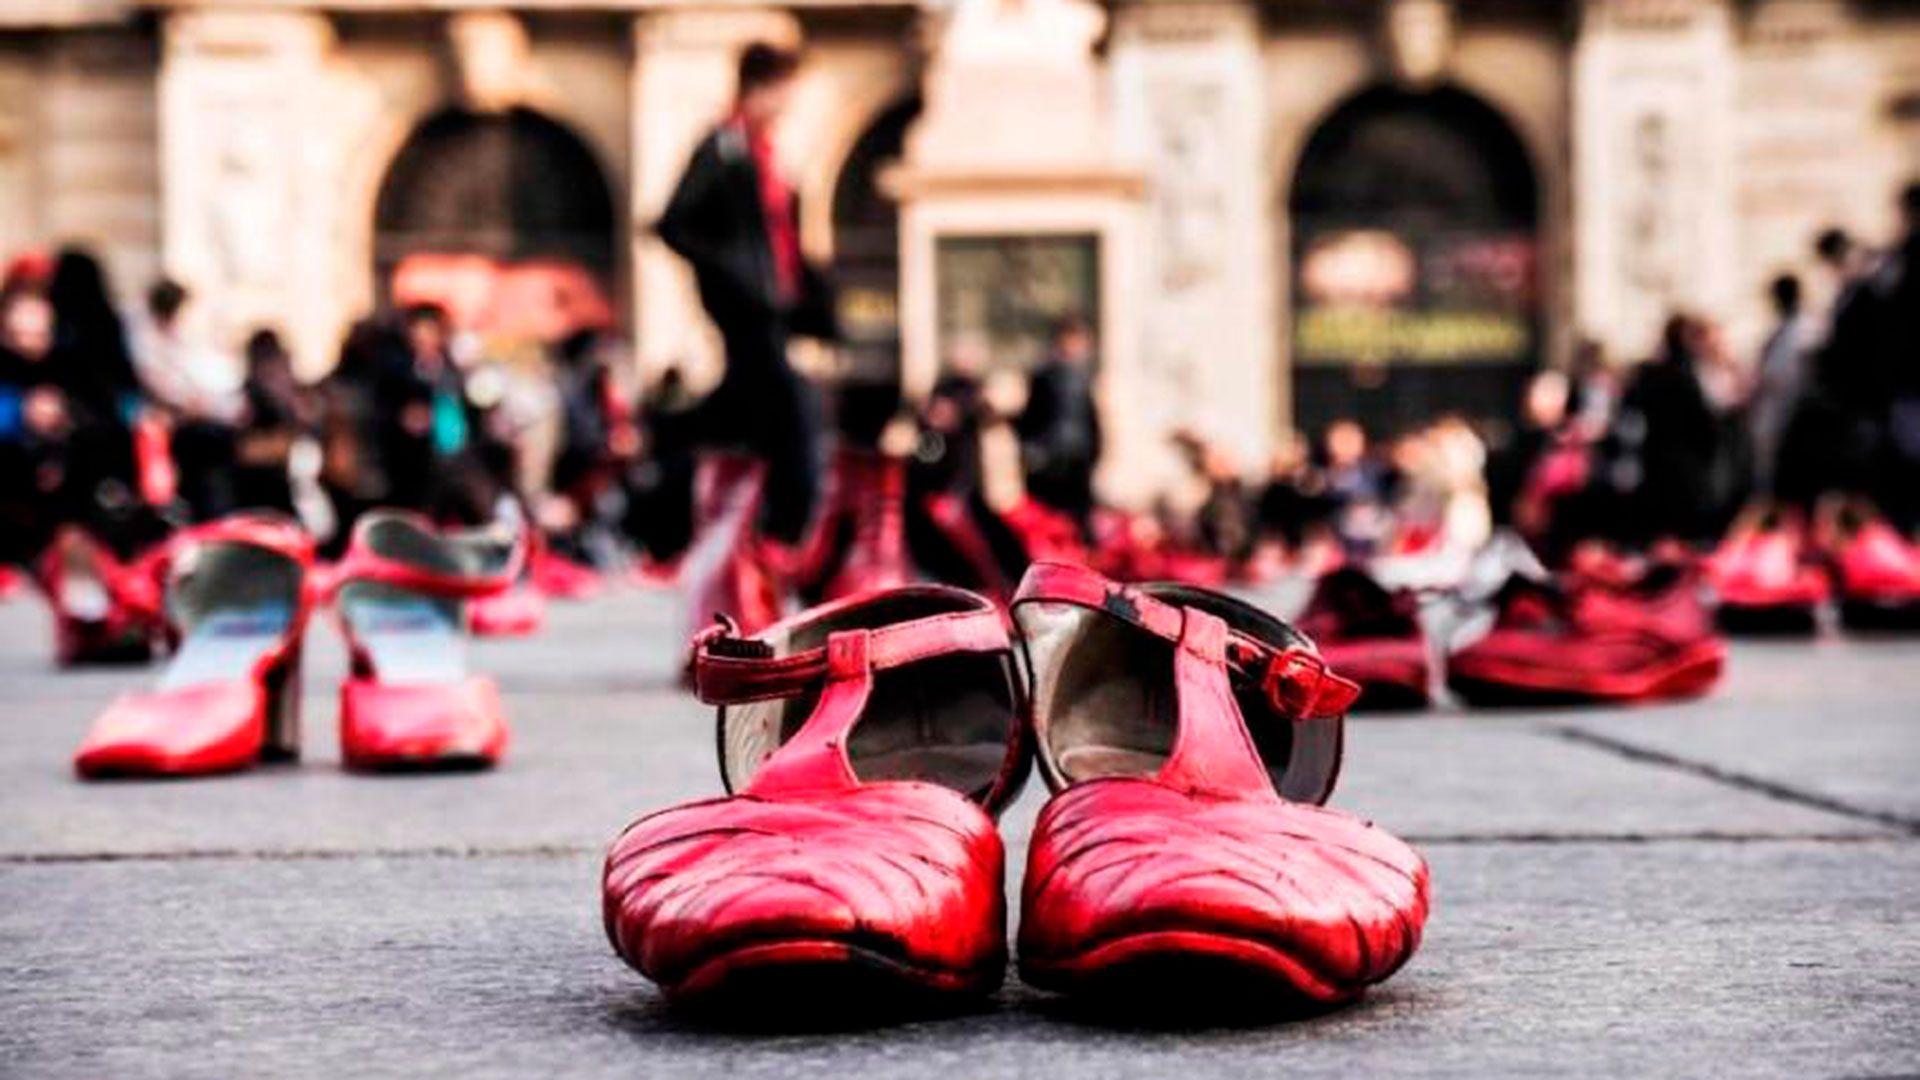 en venezuela, cada 20 horas hay una accion femicida